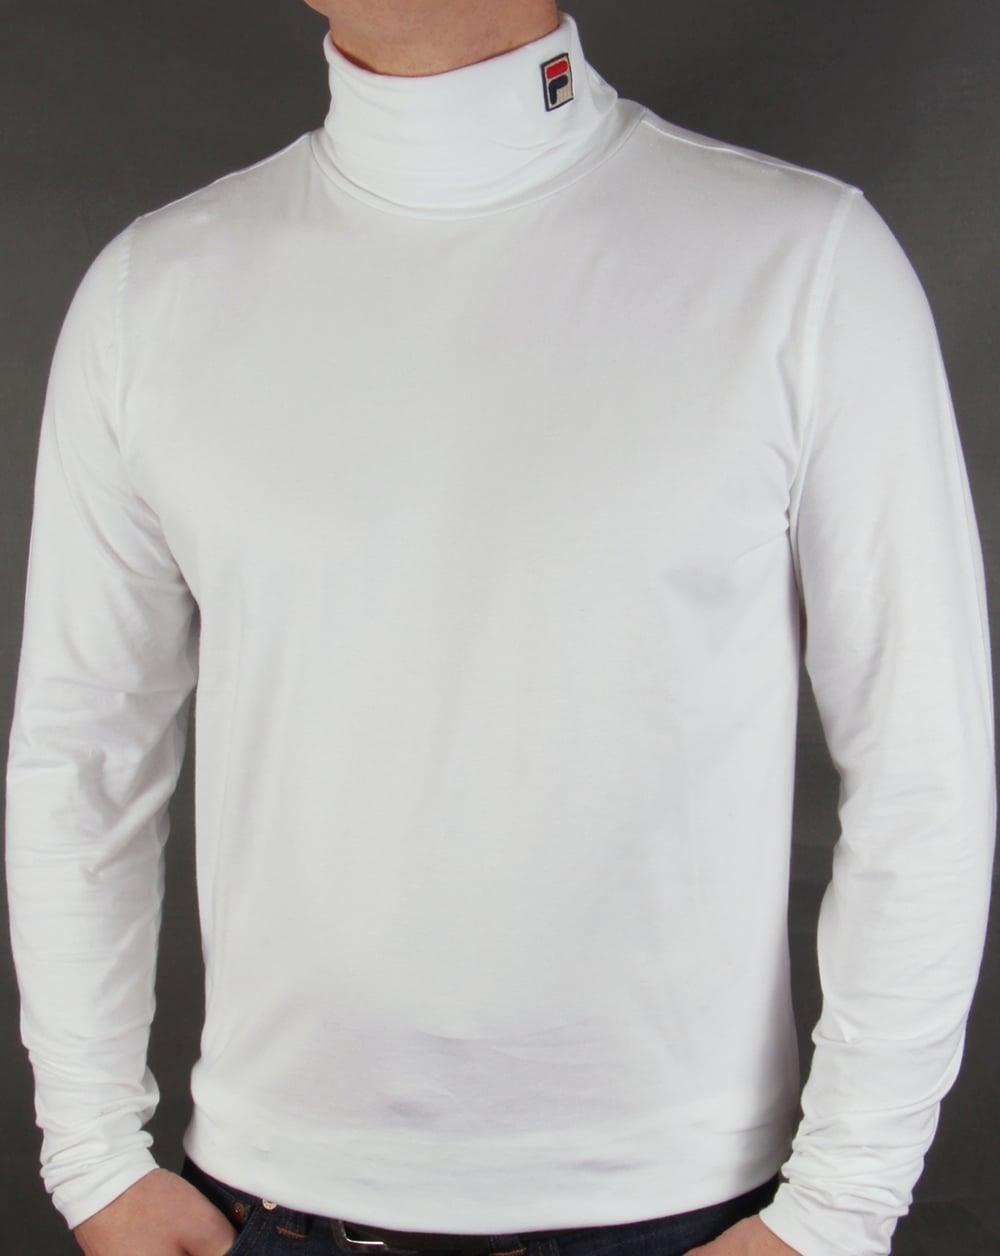 dobrze out x sprzedaż online obuwie Fila Vintage Roll Neck White